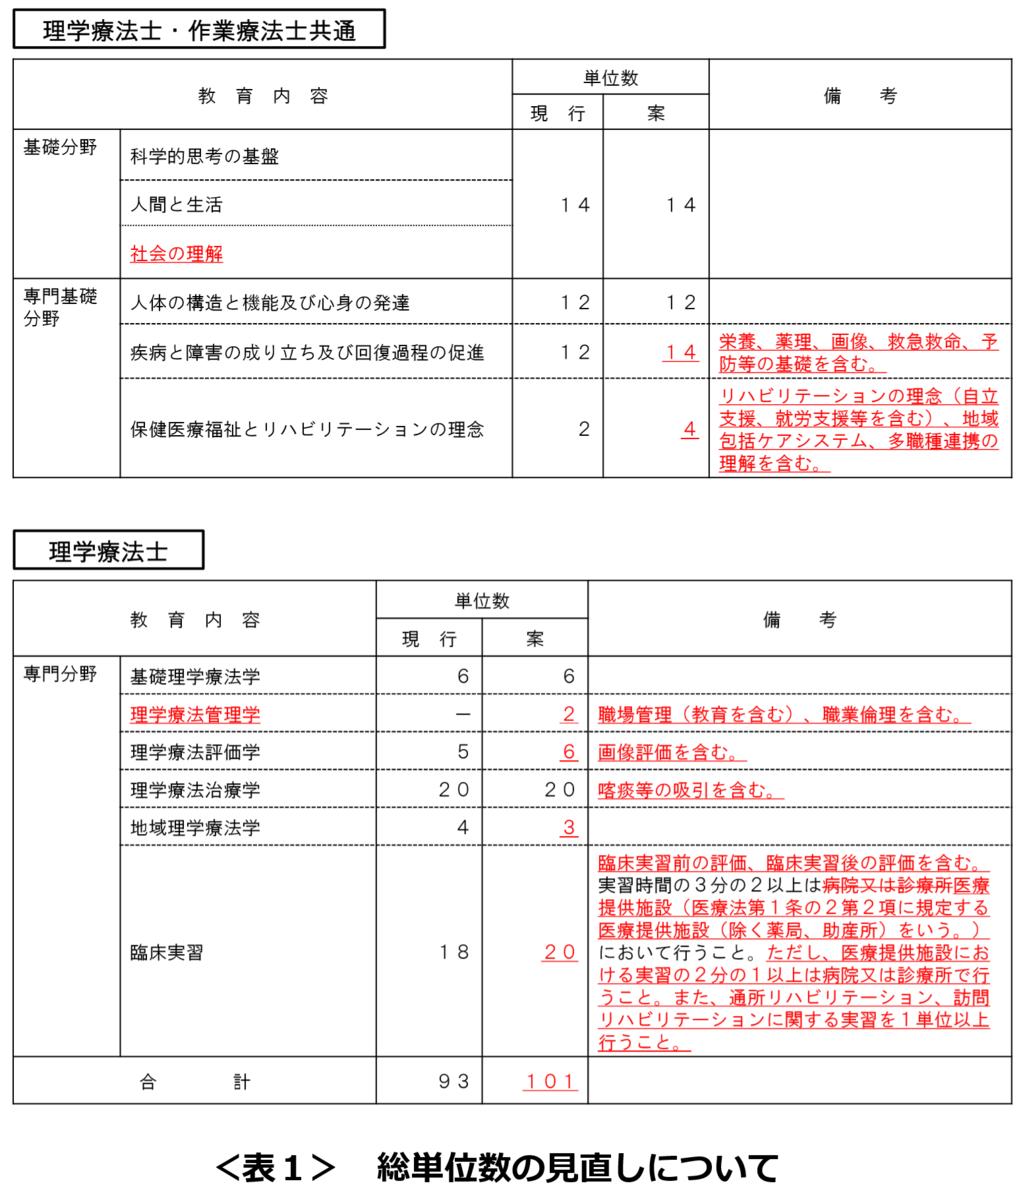 f:id:sunao-hiroba:20200117192721p:plain